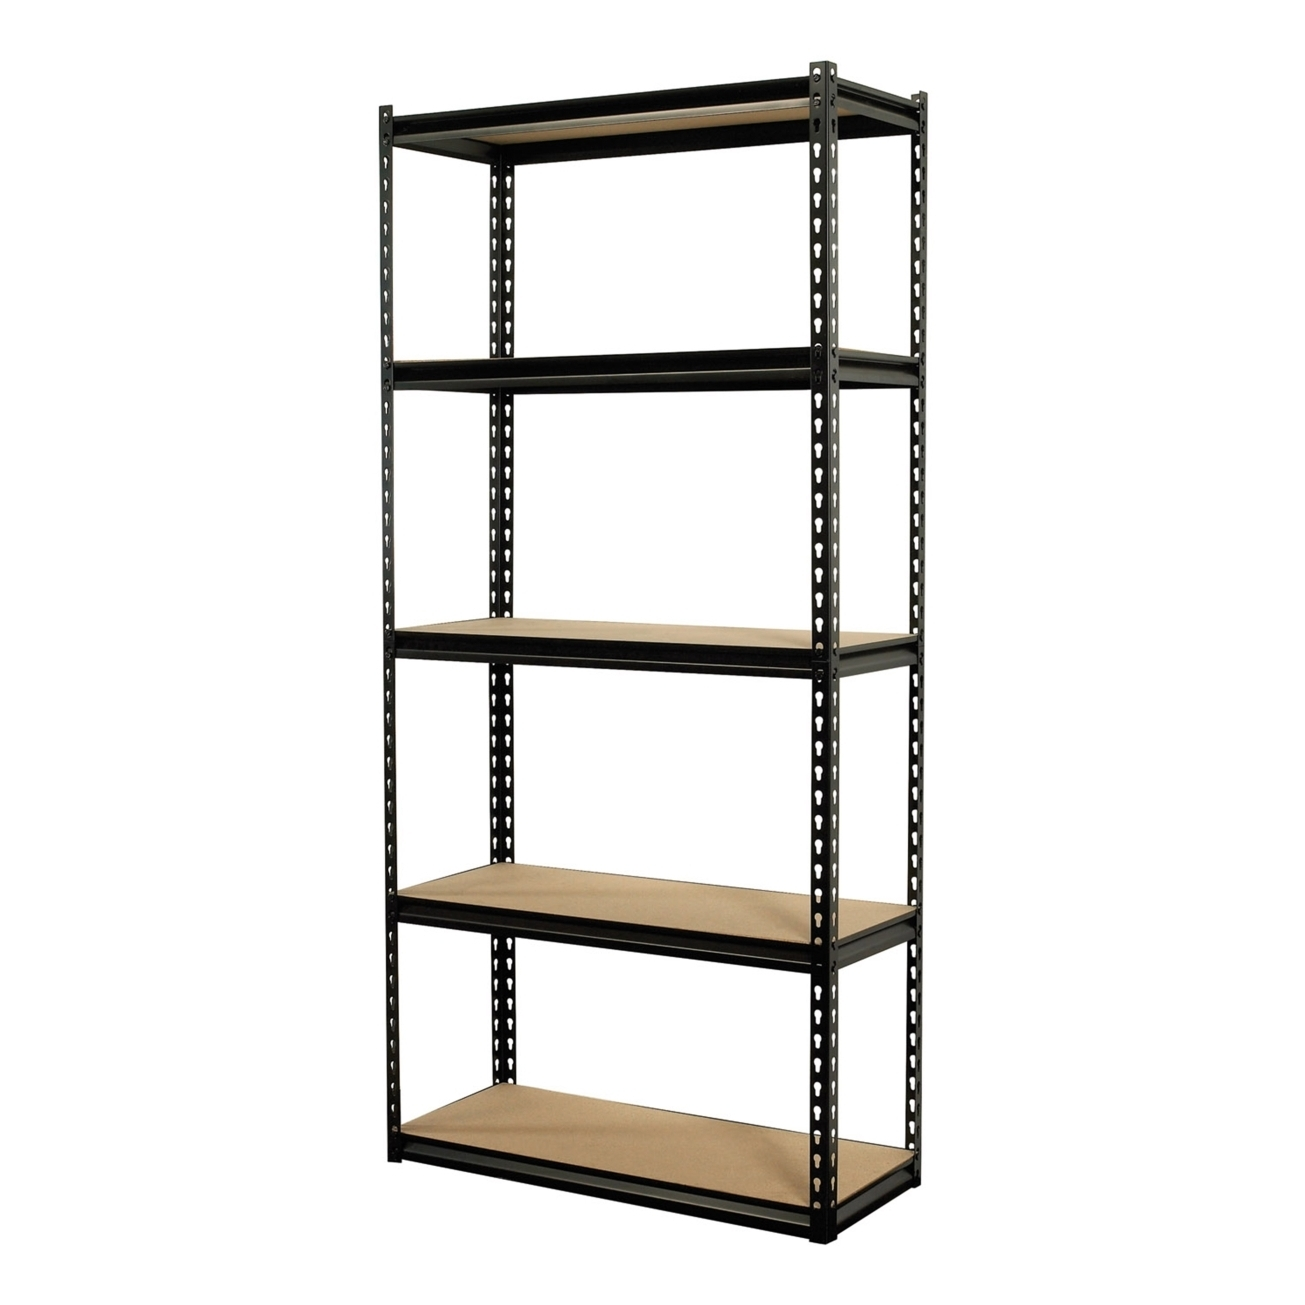 Storage Shelves – Garage Shelving & Gorilla Racks At Ace Hardware Regarding 2017 Storage Shelving Units (View 6 of 15)